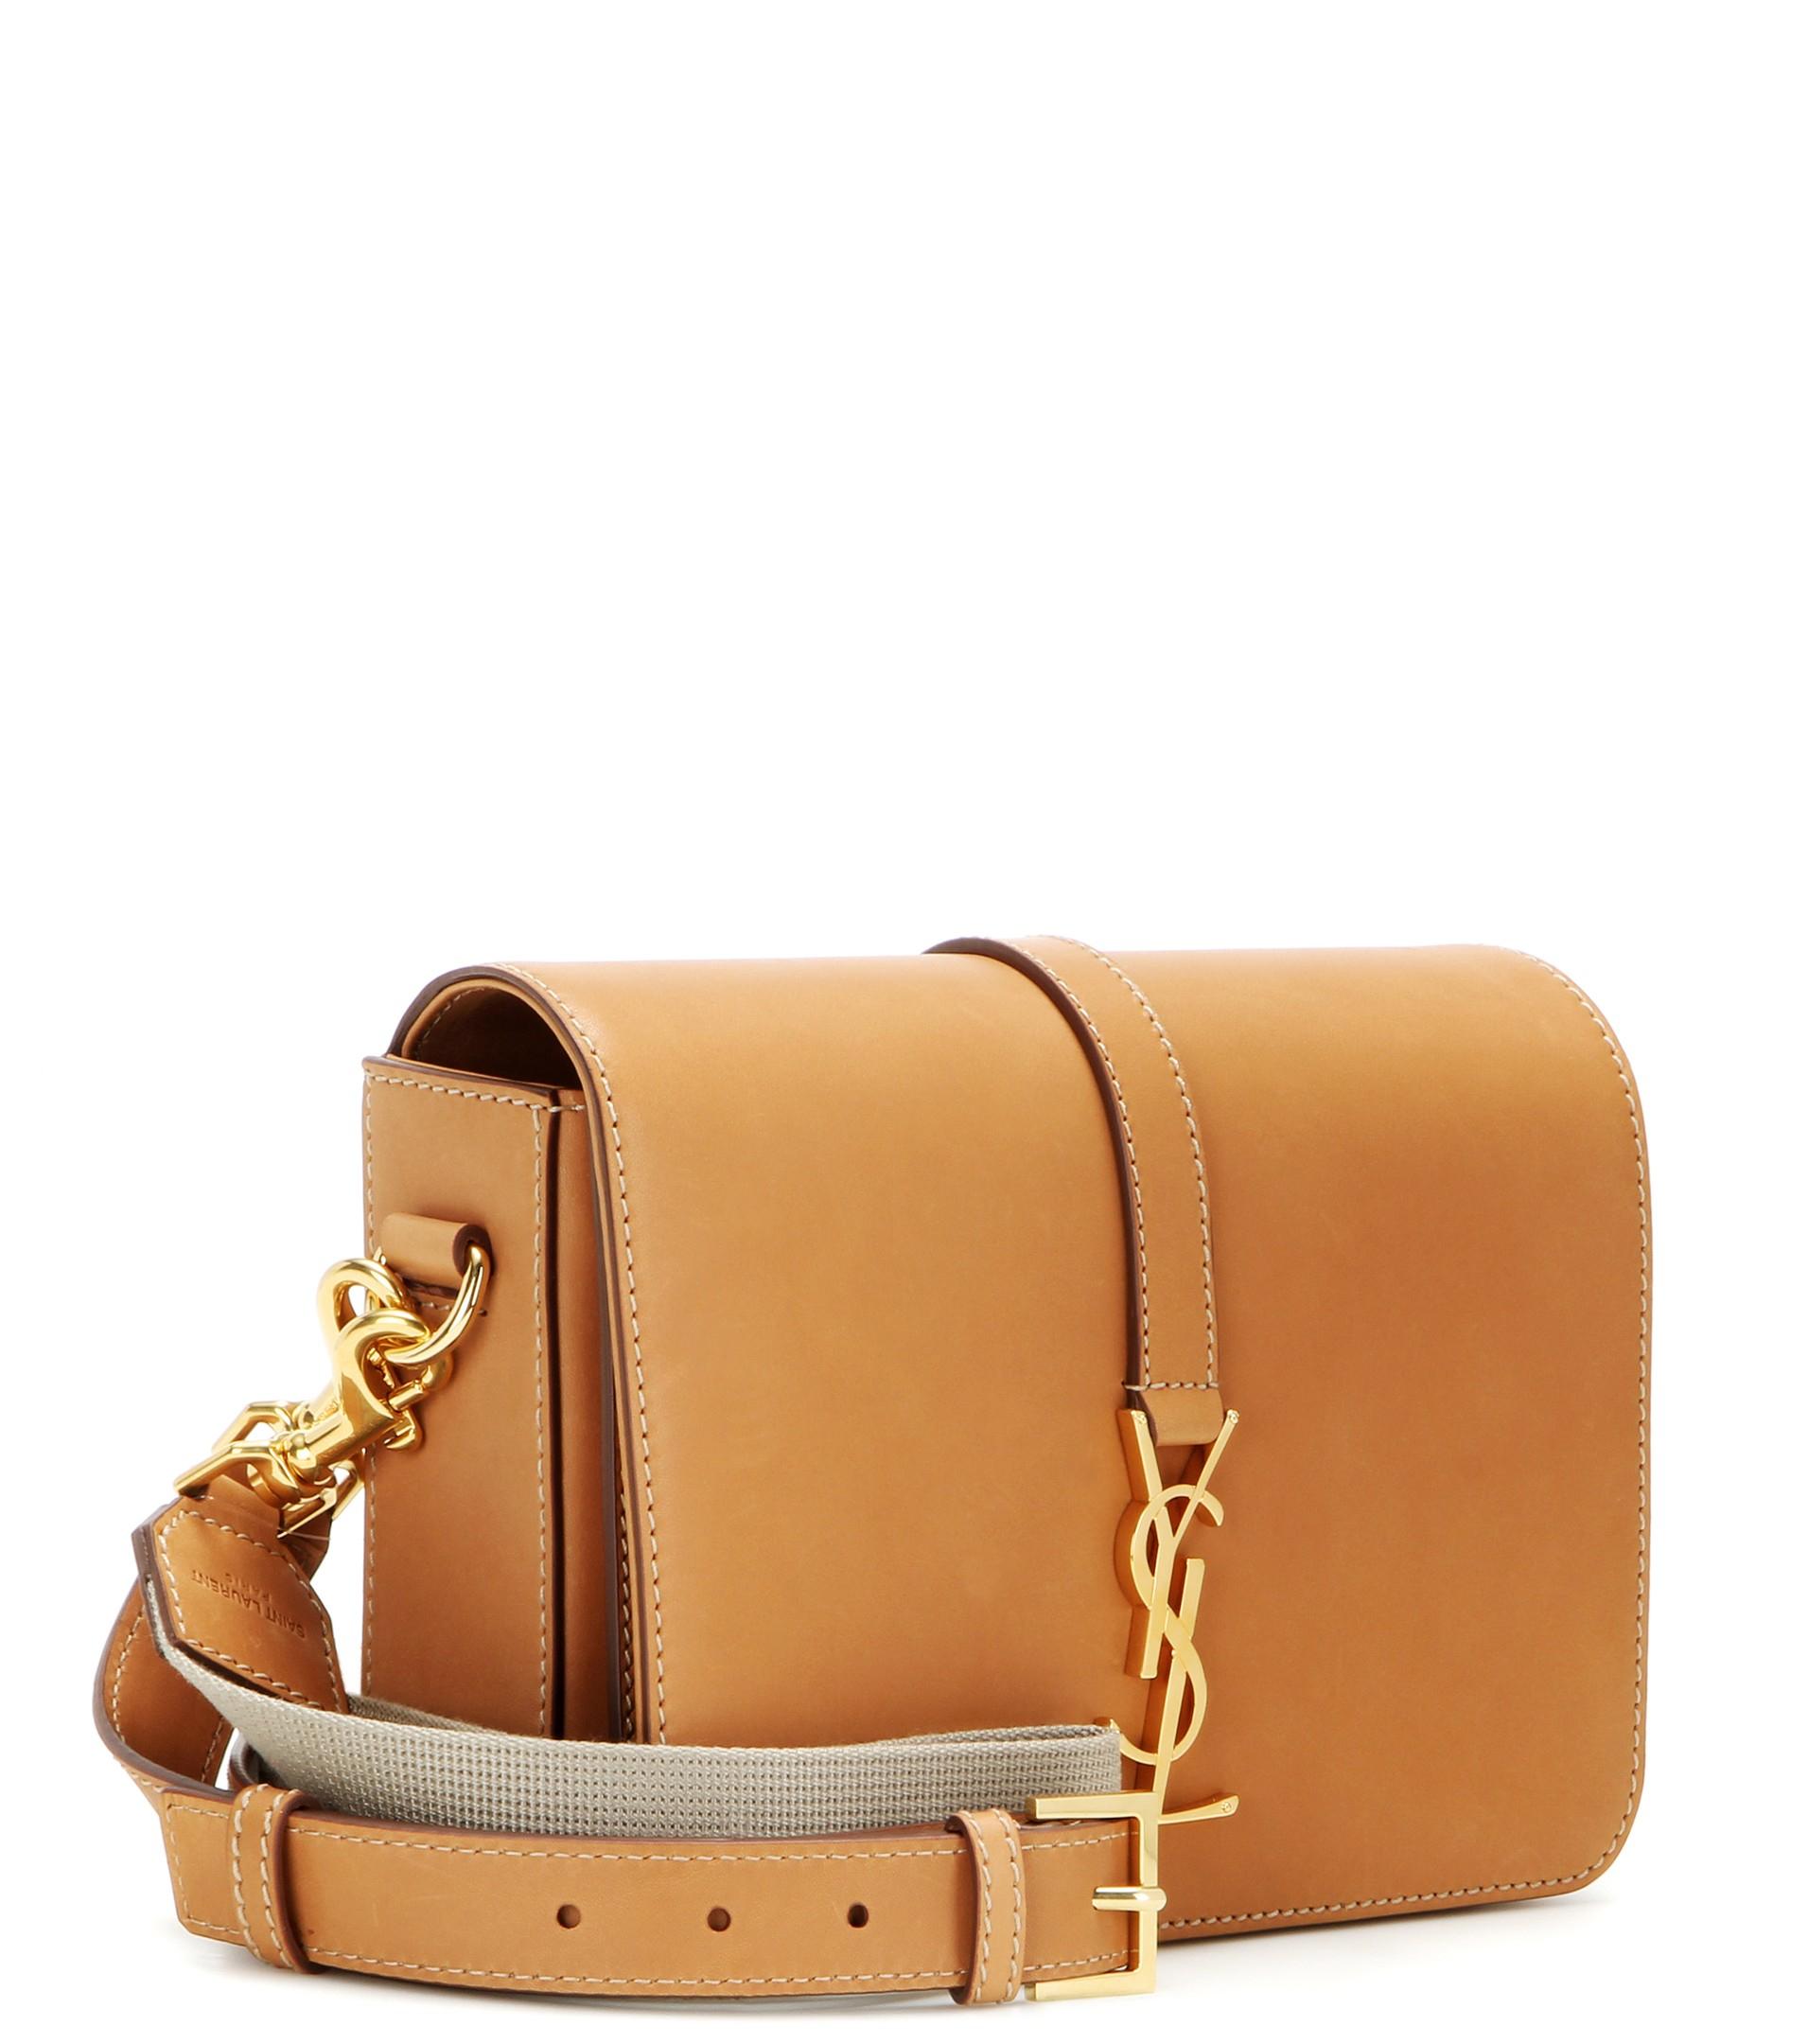 68142d4eb87d Saint Laurent Monogram Université Medium Leather Shoulder Bag in ...